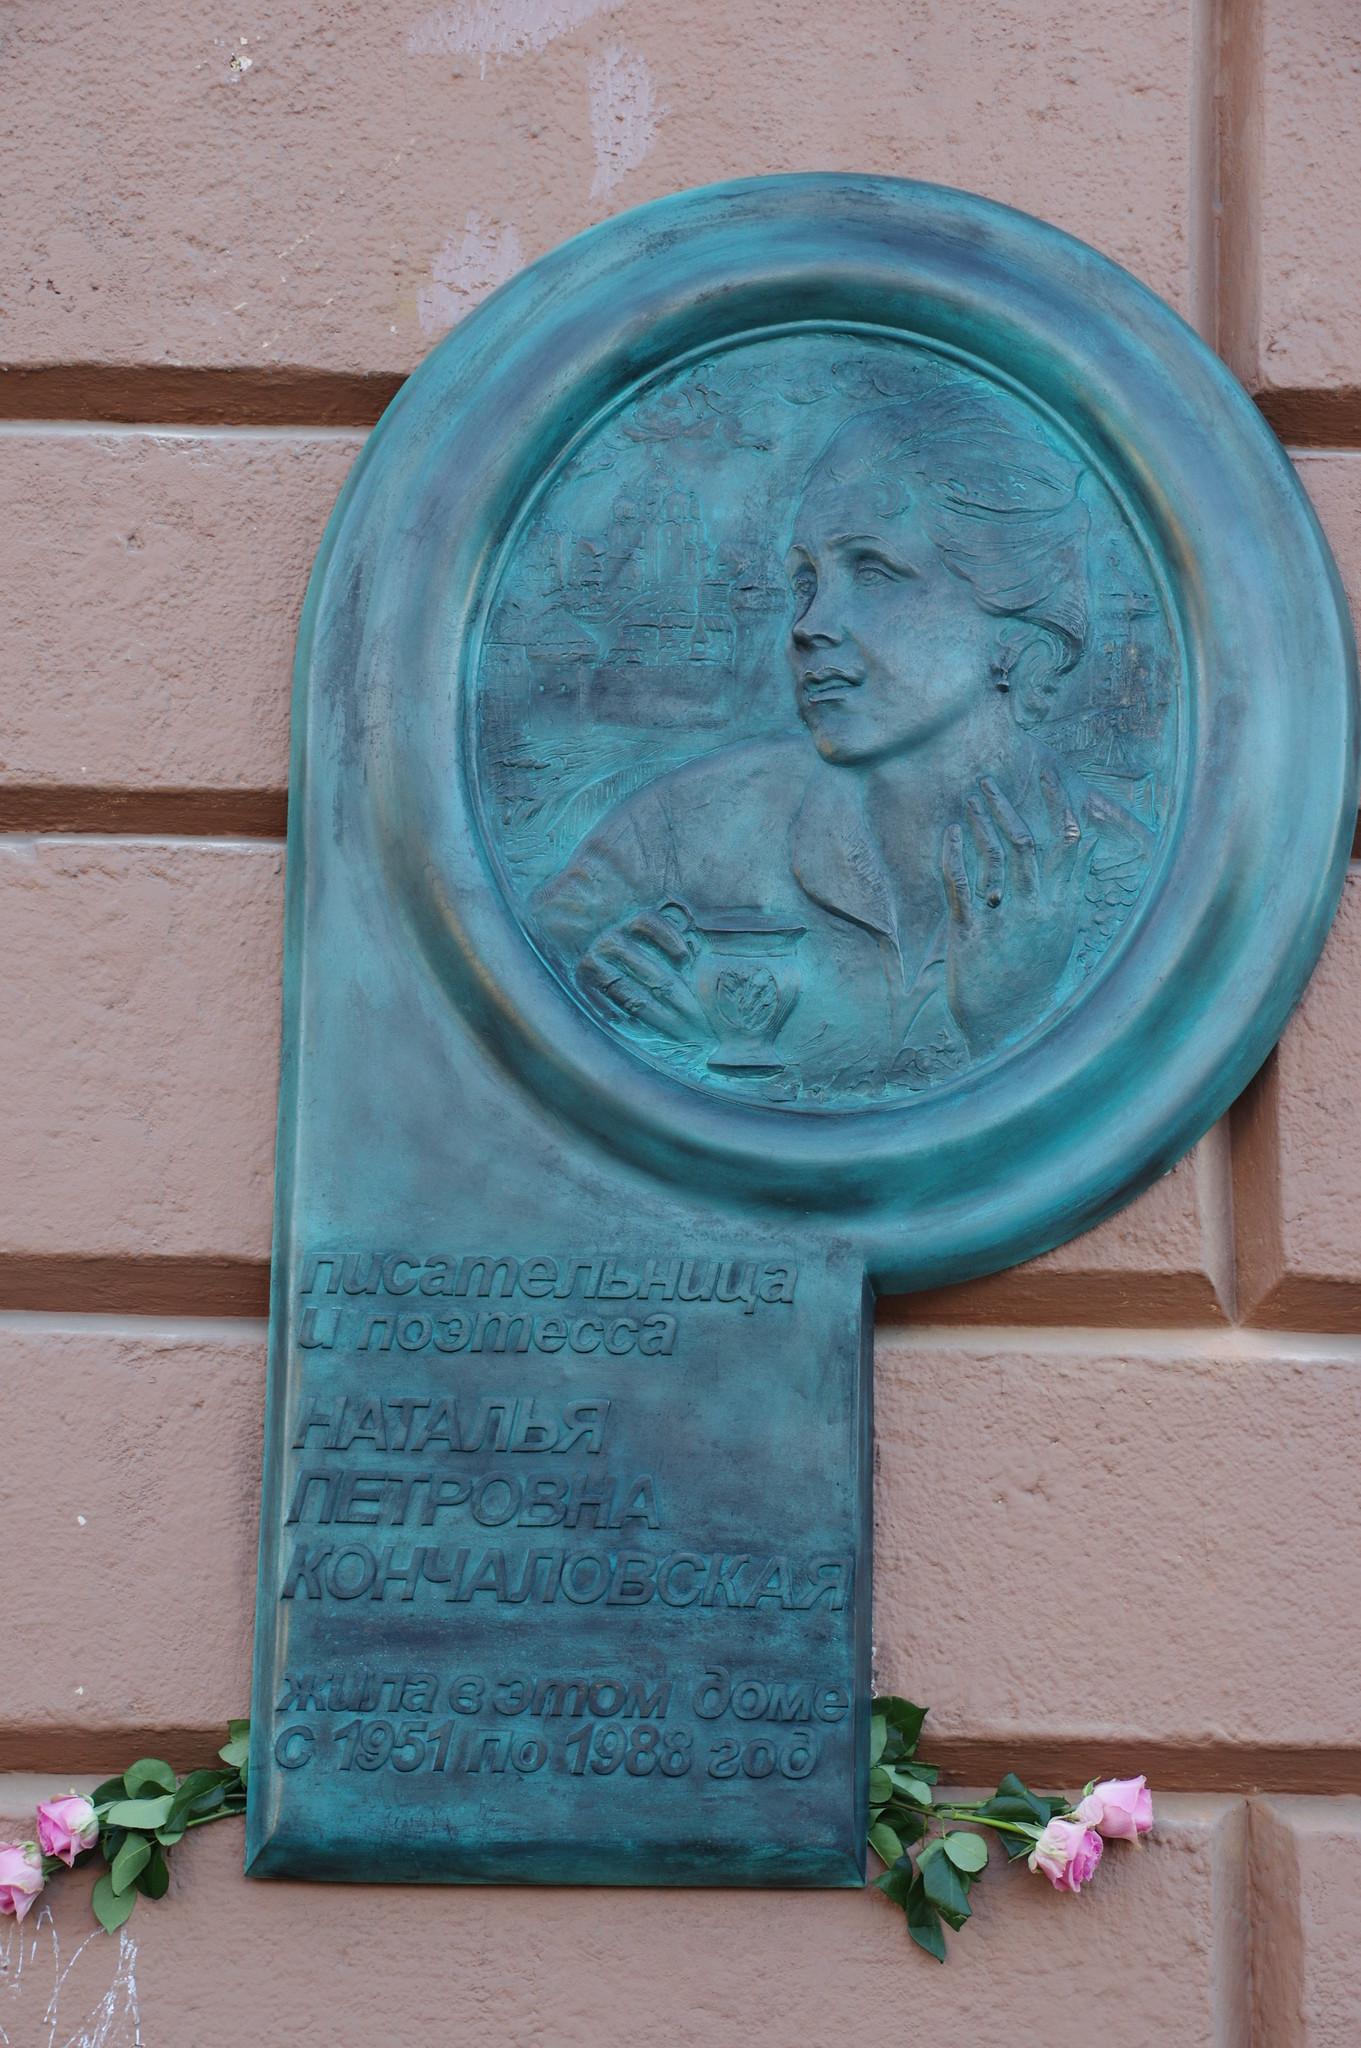 Мемориальная доска на фасаде дома № 35 по улице Поварская, где с 1951 года по 1988 год жила Наталья Петровна Кончаловская